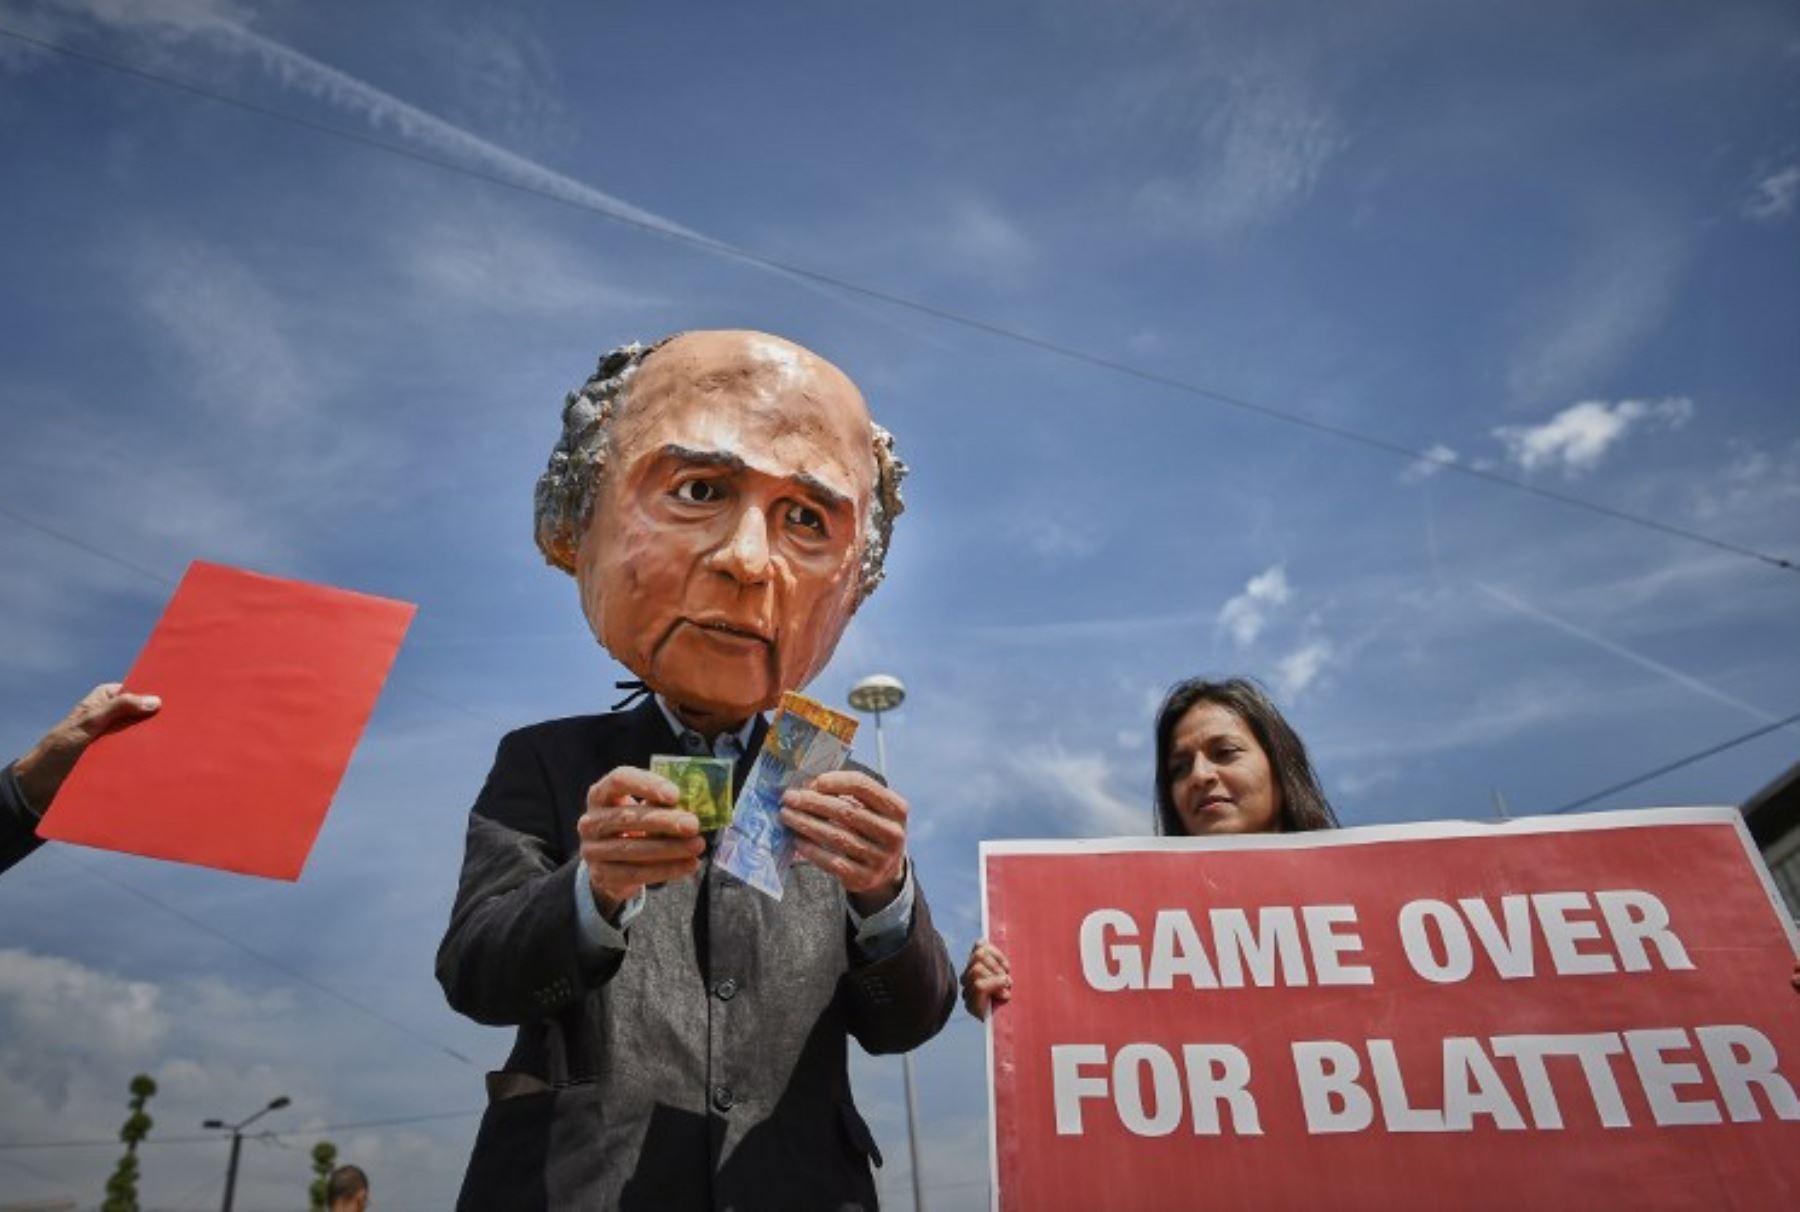 Un hombre con una mascara del presidente de la FIFA, Joseph Blatter, sostiene una pancarta durante una protesta celebrada frente al Hallenstadium. Foto:AFP